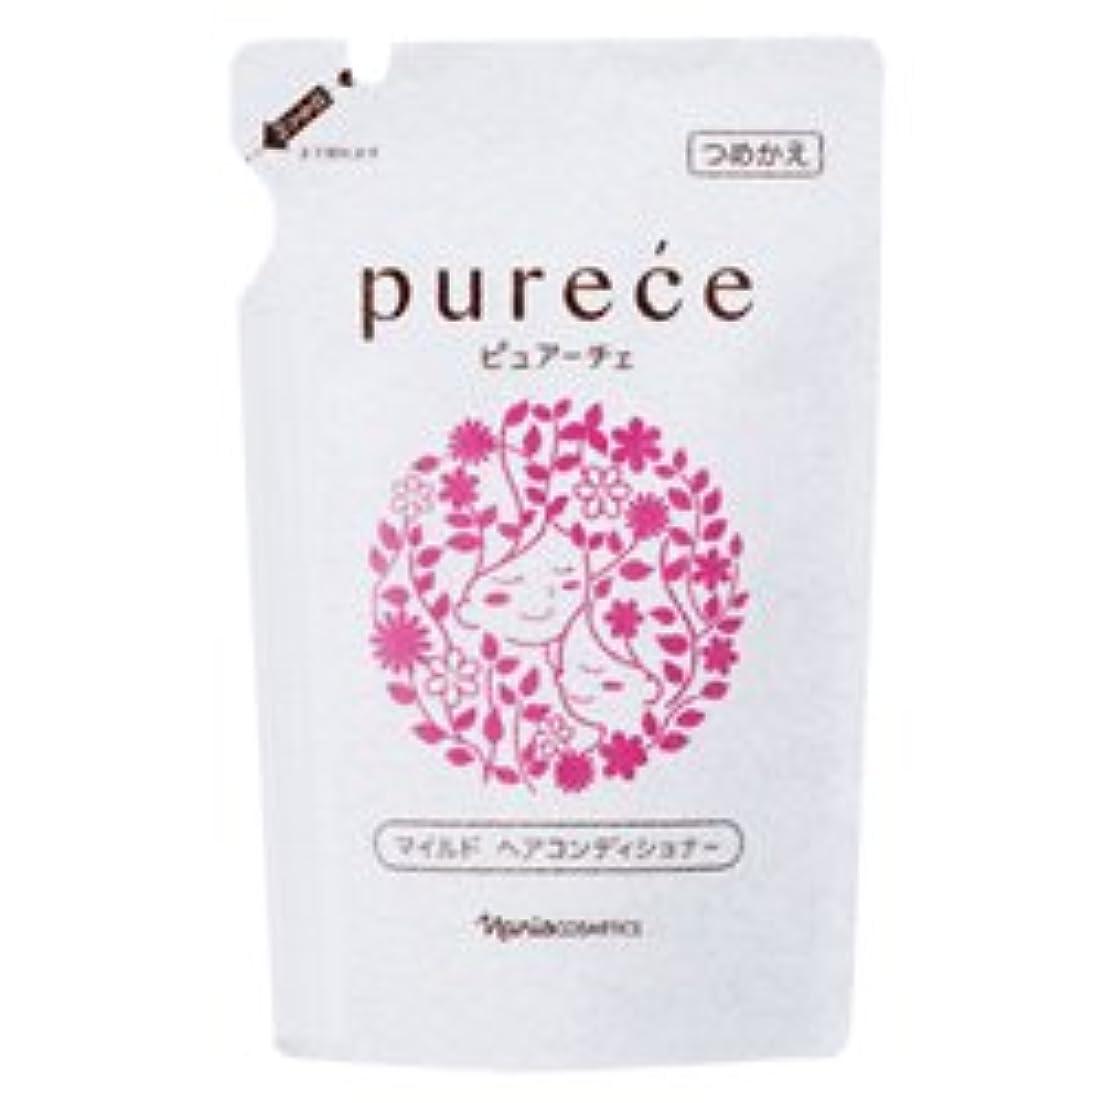 ナリス化粧品 ピュアーチェ(PURECE) マイルドヘアコンディショナーFS カエ450ml[レフィル]